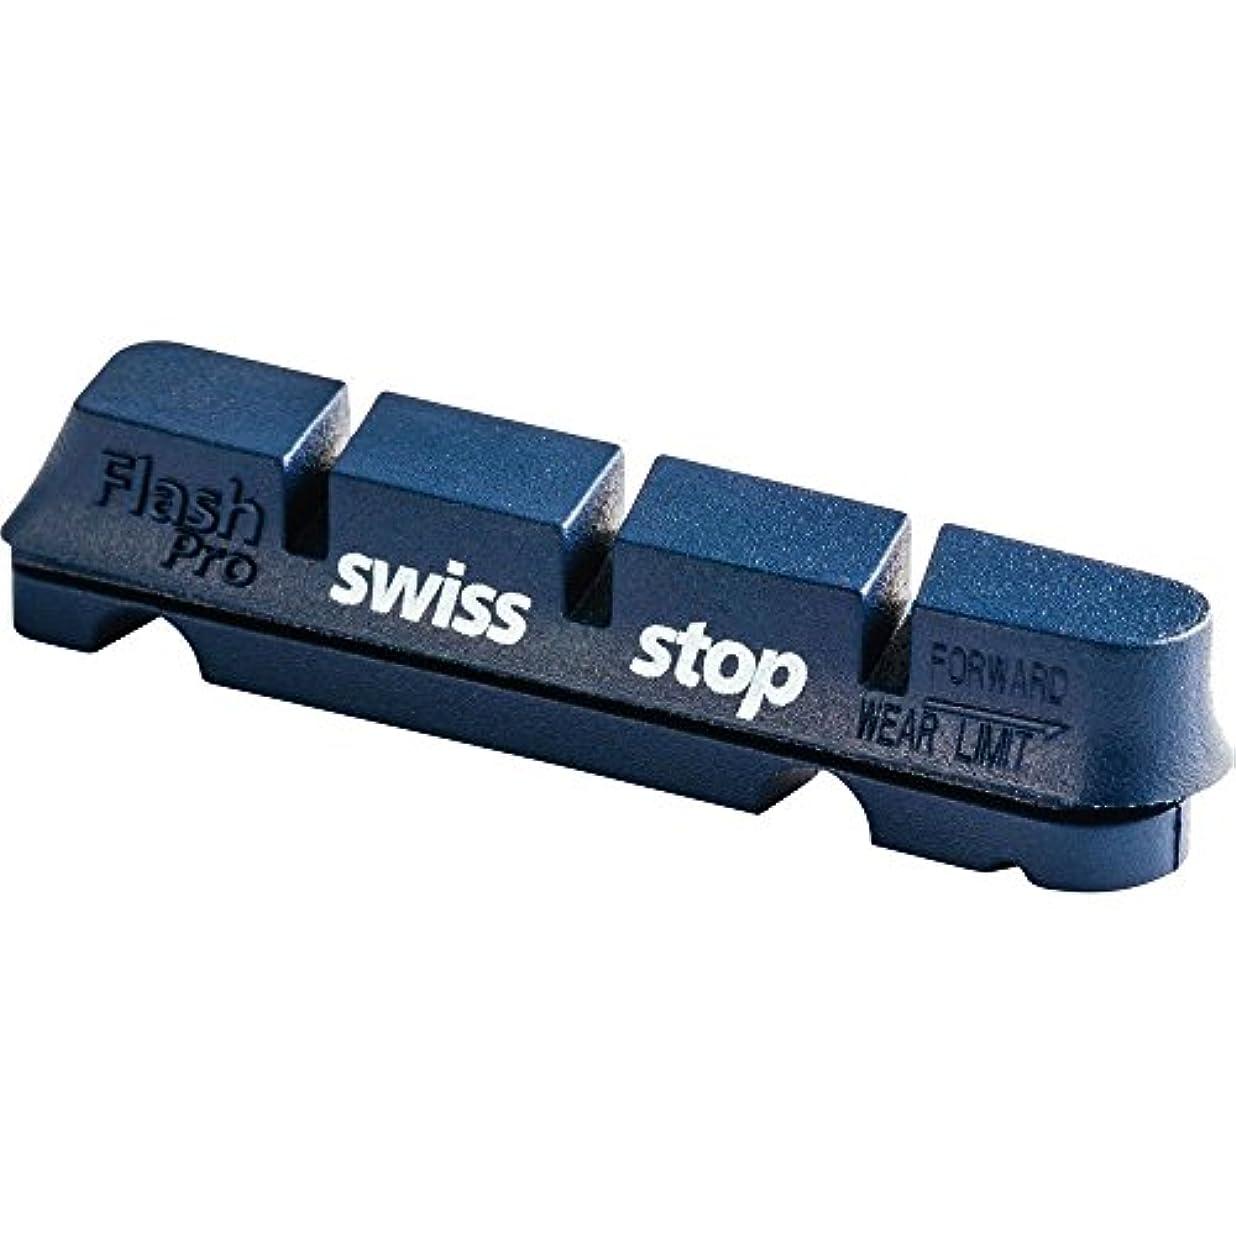 ためらうバックとらえどころのないSWISS STOP(スイスストップ) FLASH PRO BXP アルミリム用ブレーキシュー [並行輸入品]